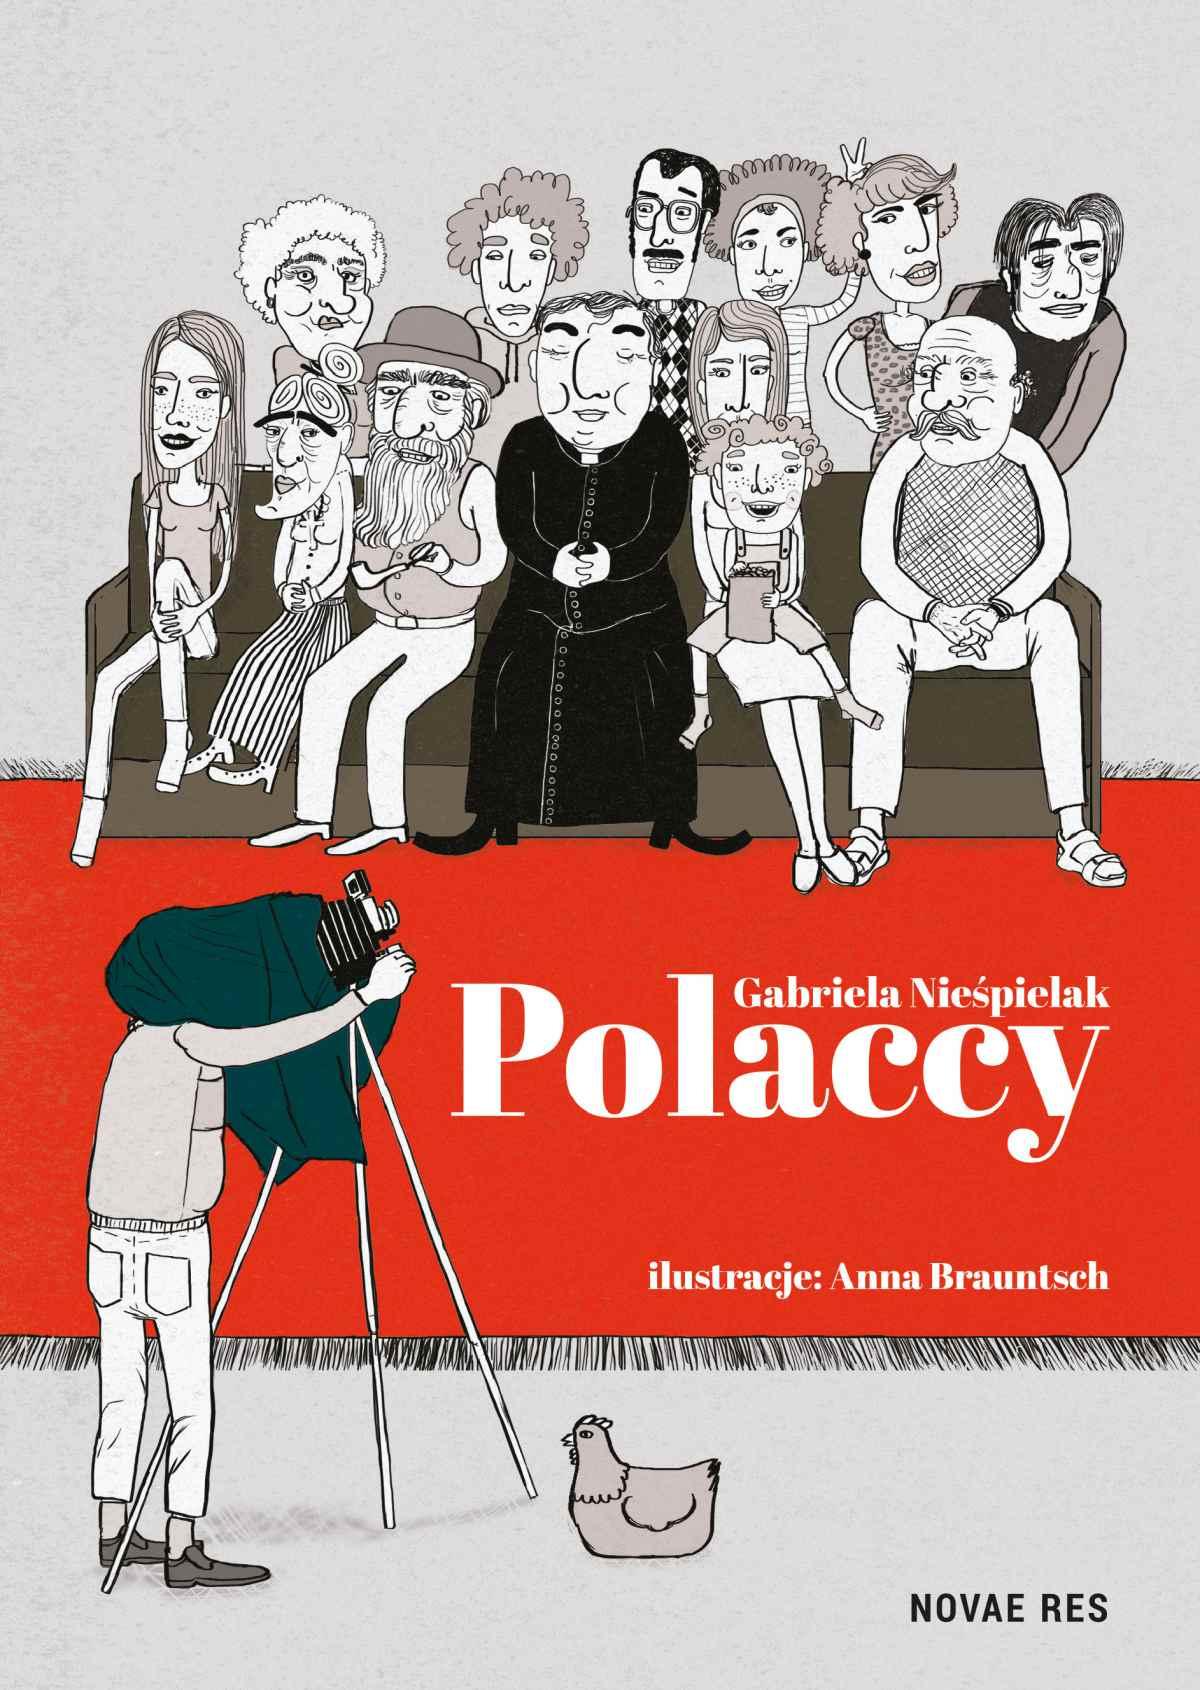 Polaccy - Ebook (Książka EPUB) do pobrania w formacie EPUB